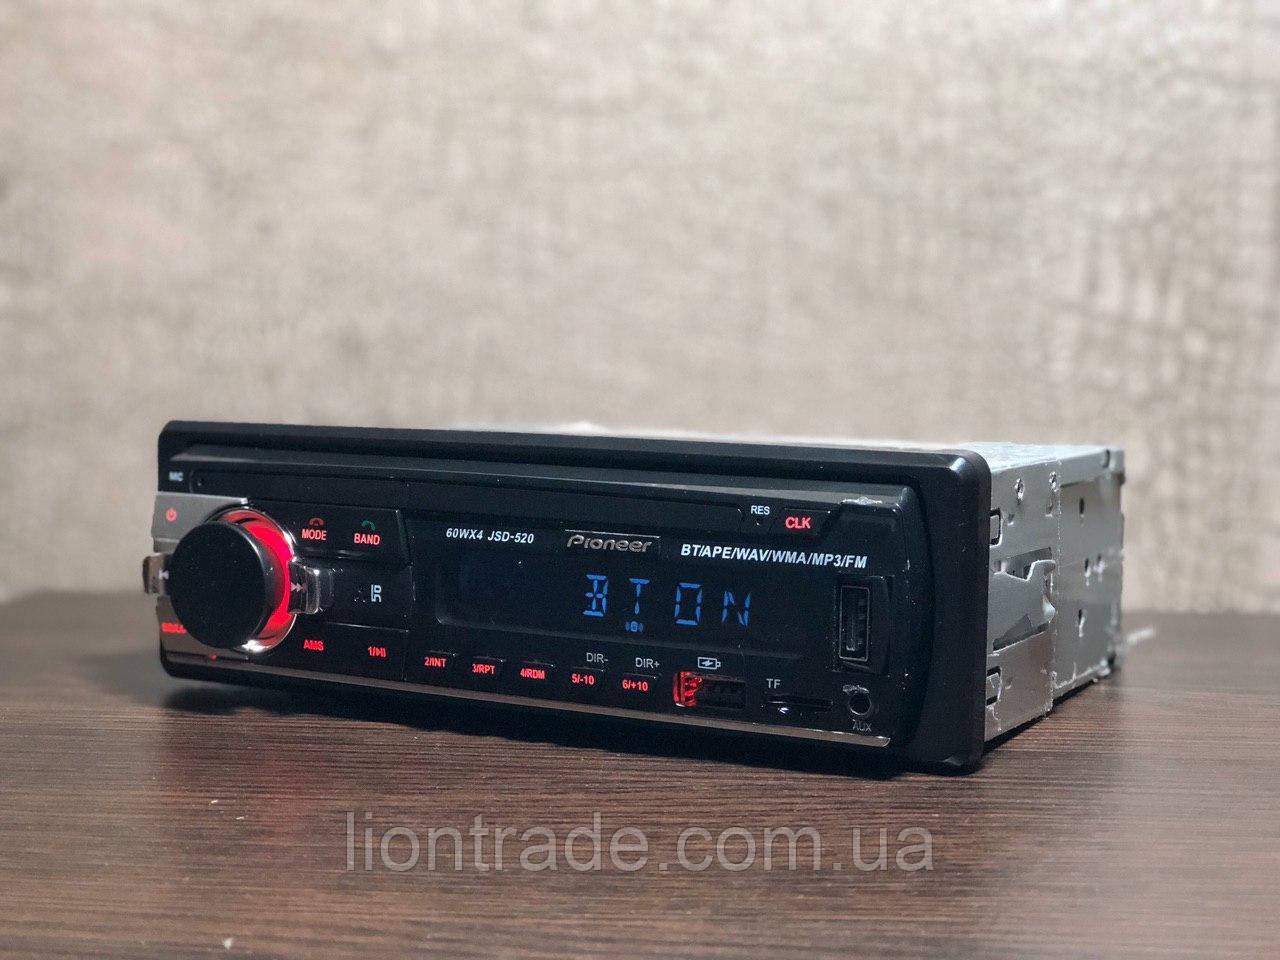 Автомагнитола Pioneer JSD-520BT RED с Bluetooth, 4*60 Вт! 2×USB, FM